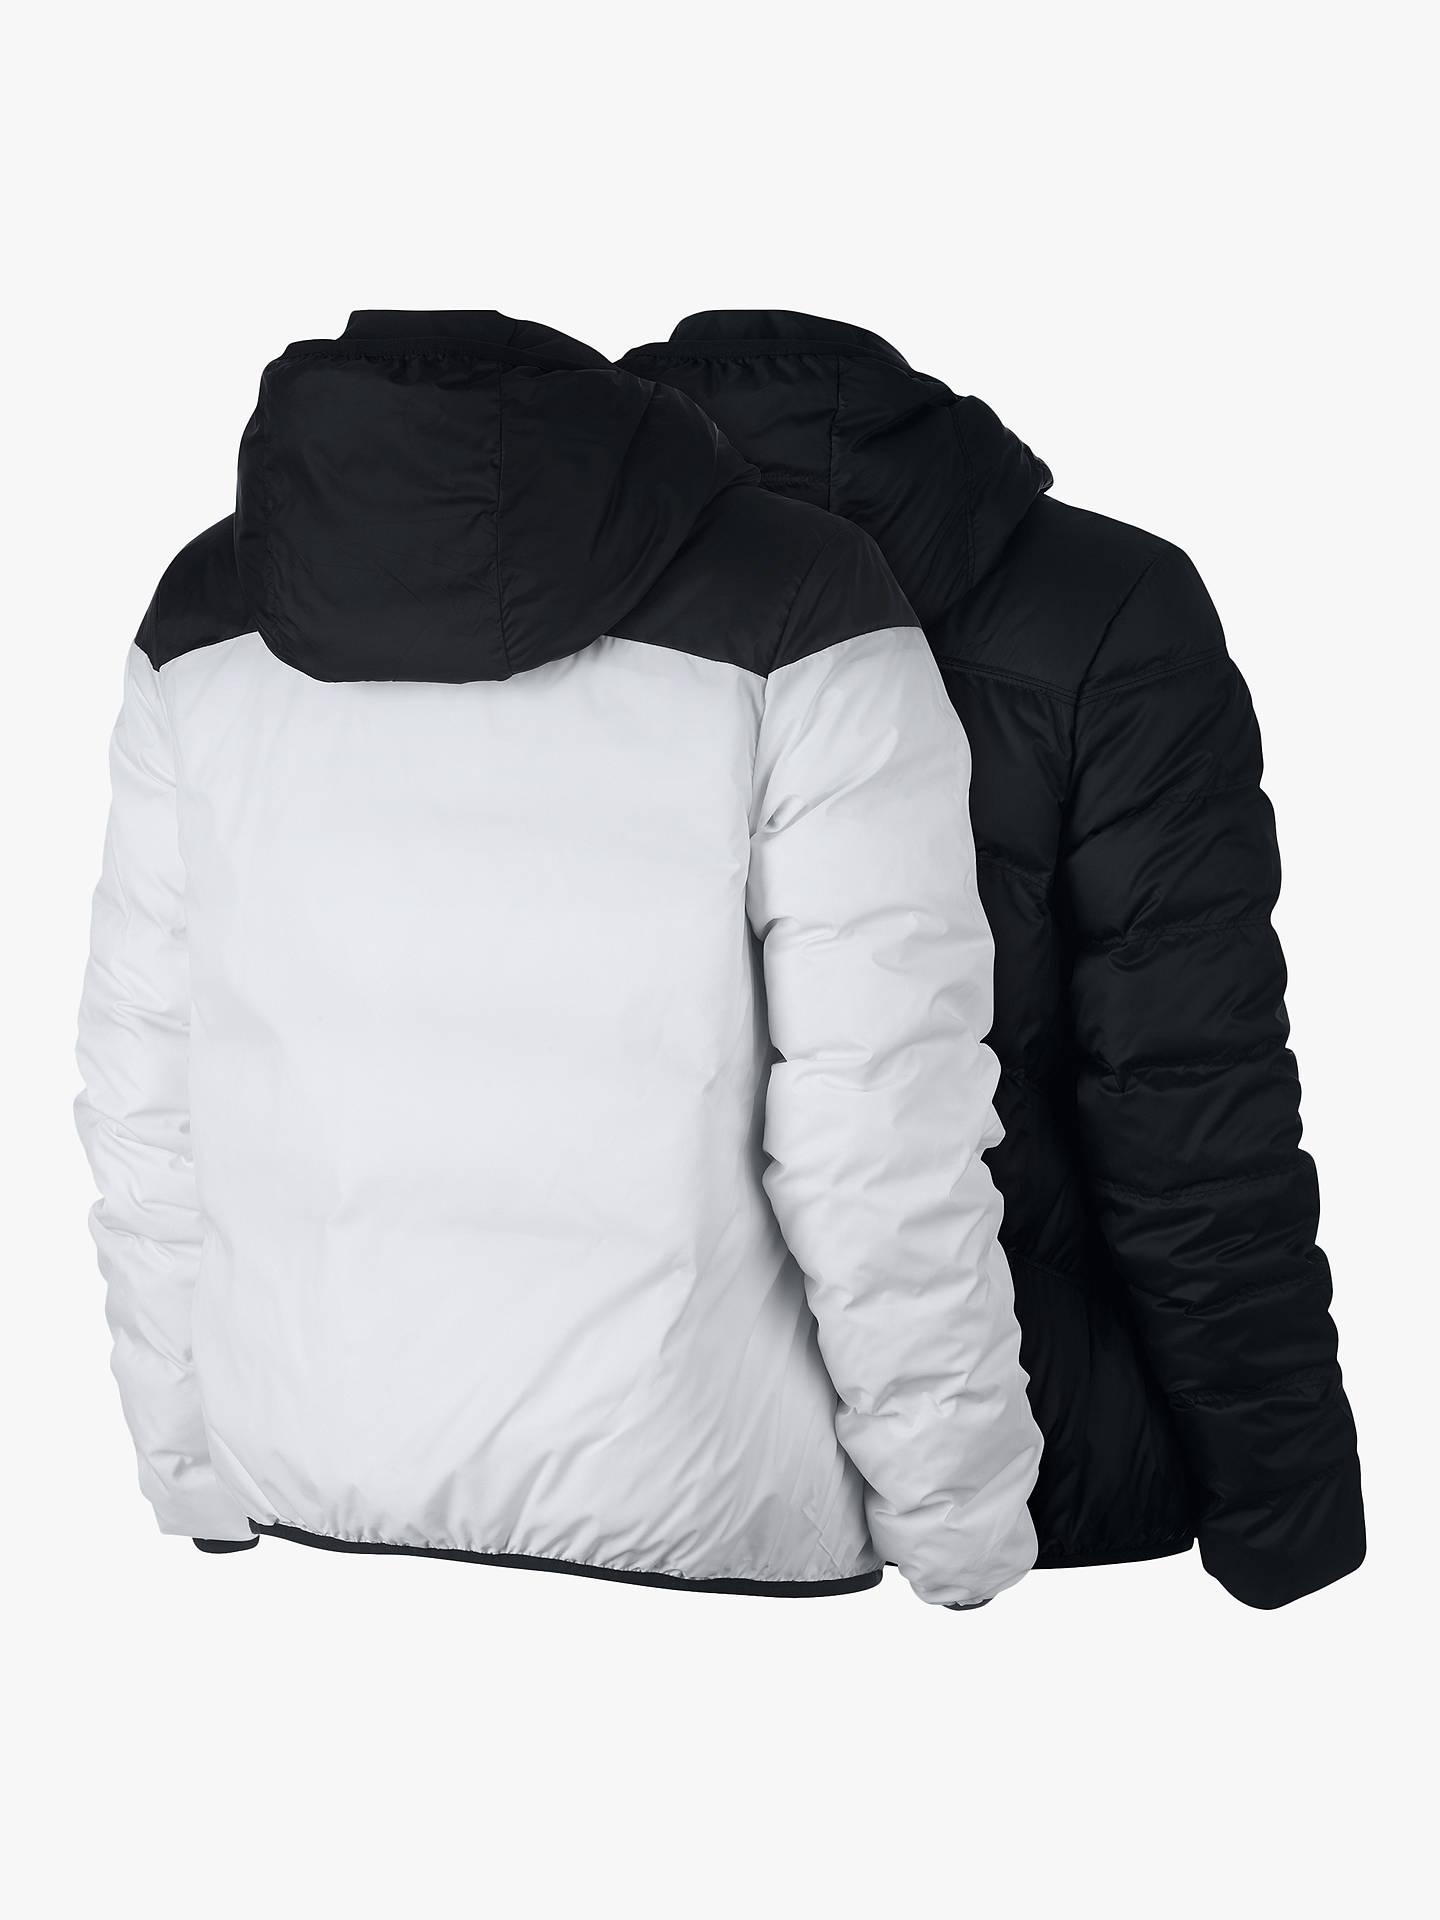 566c573ef320 ... Buy Nike Sportswear Windrunner Women s Reversible Down Fill Jacket